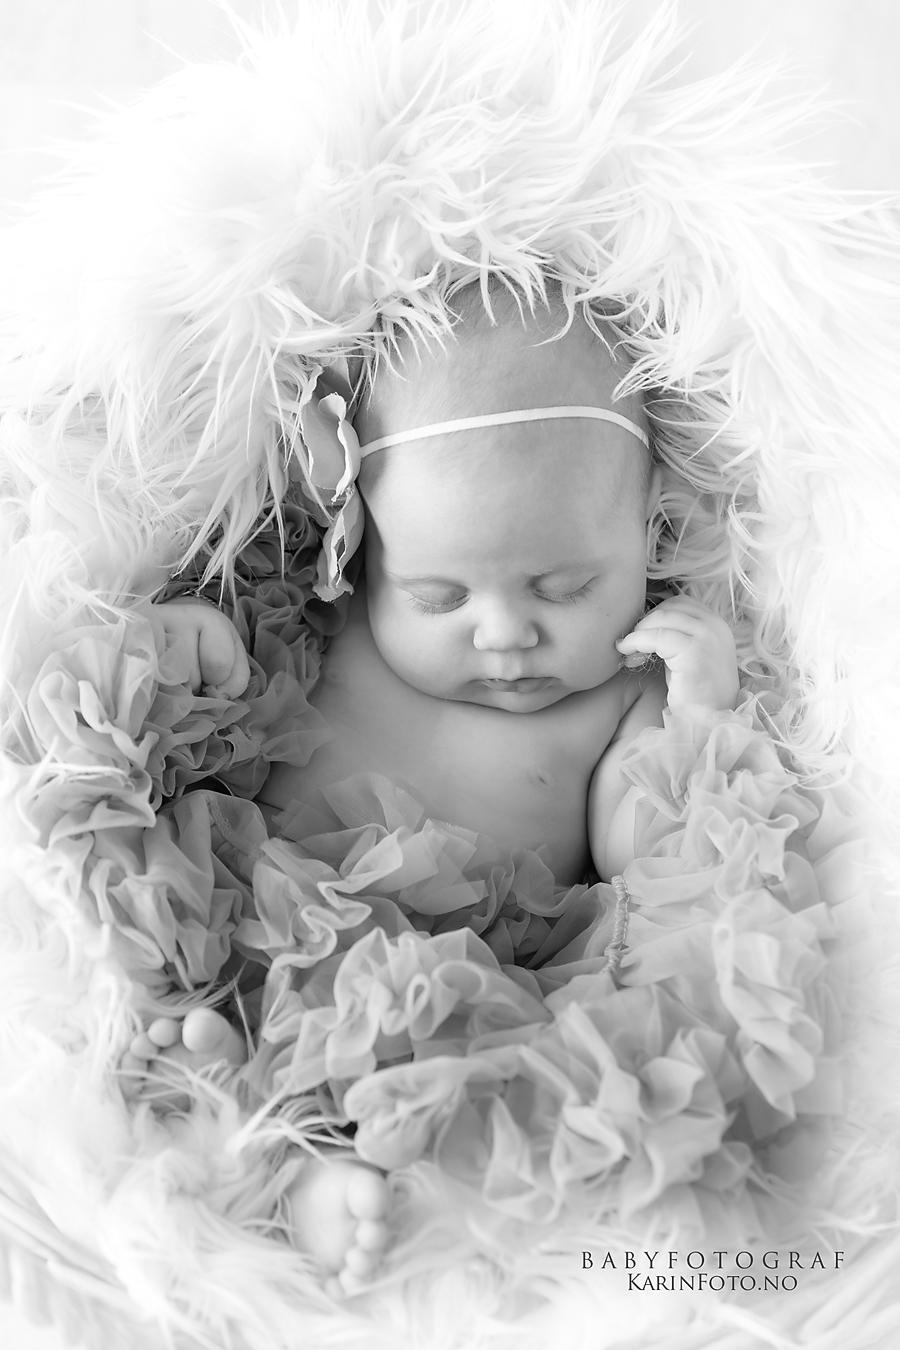 Babyfotografering,baby8uker,babyfoto,karinfoto,karinPedersen,fotograf,babyfotograf